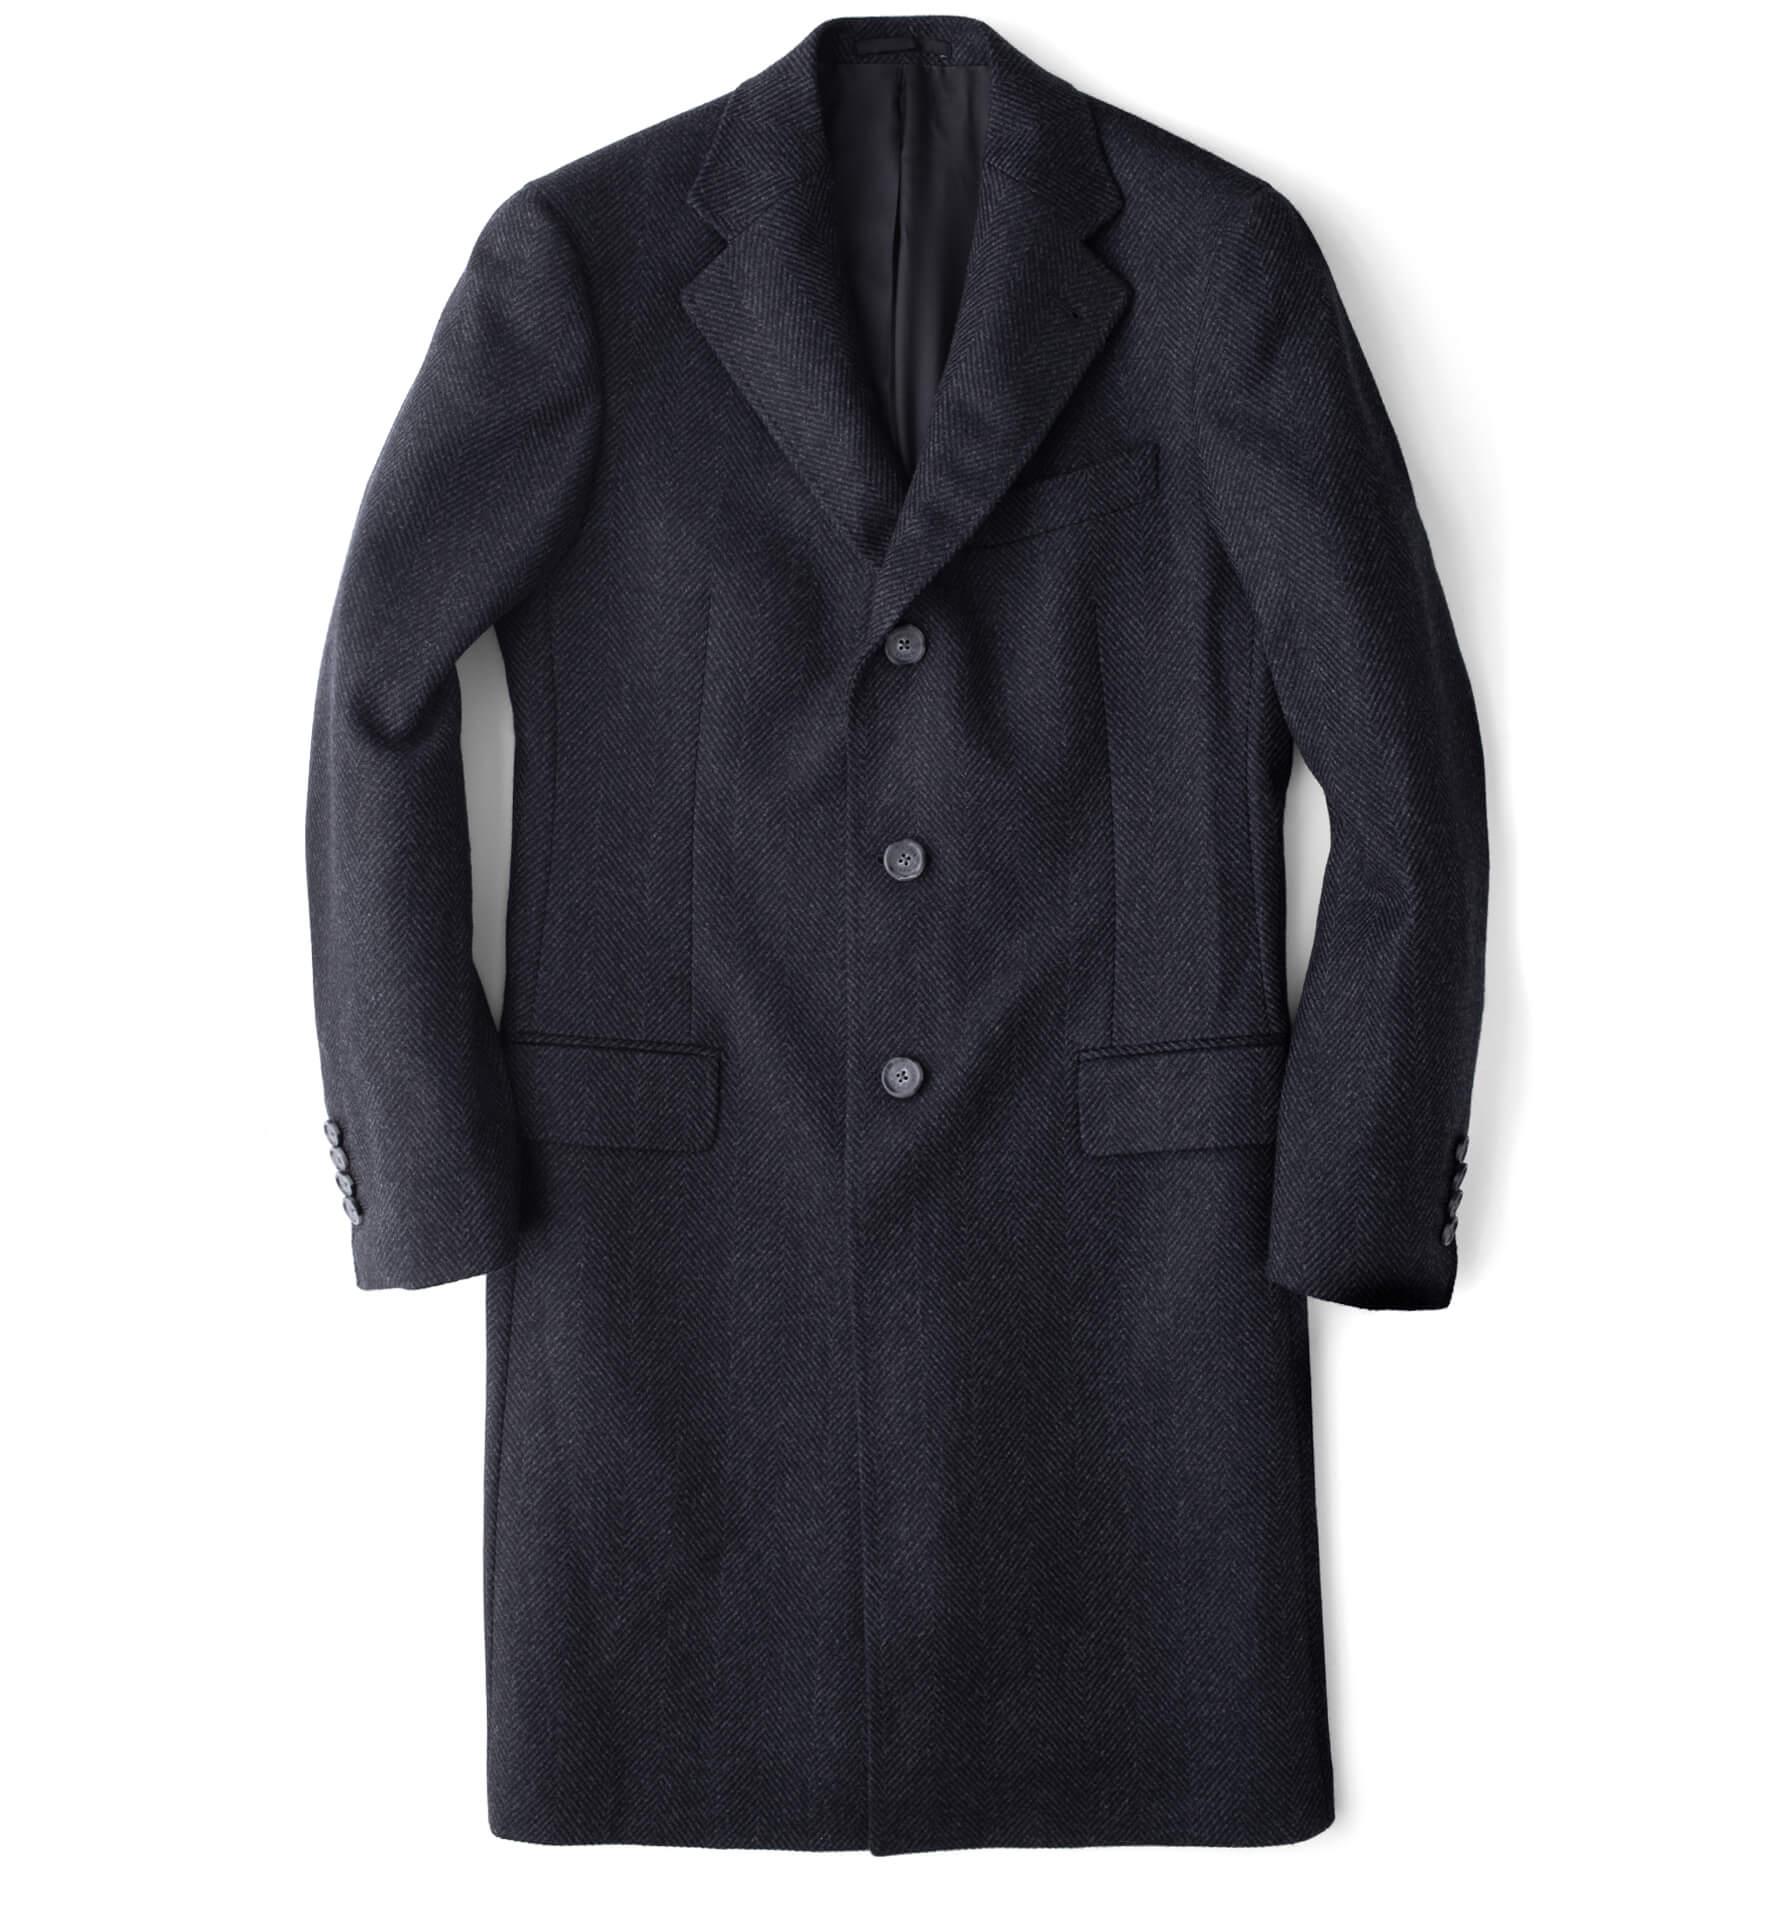 Zoom Image of Bleecker Charcoal Herringbone Wool and Cashmere Coat